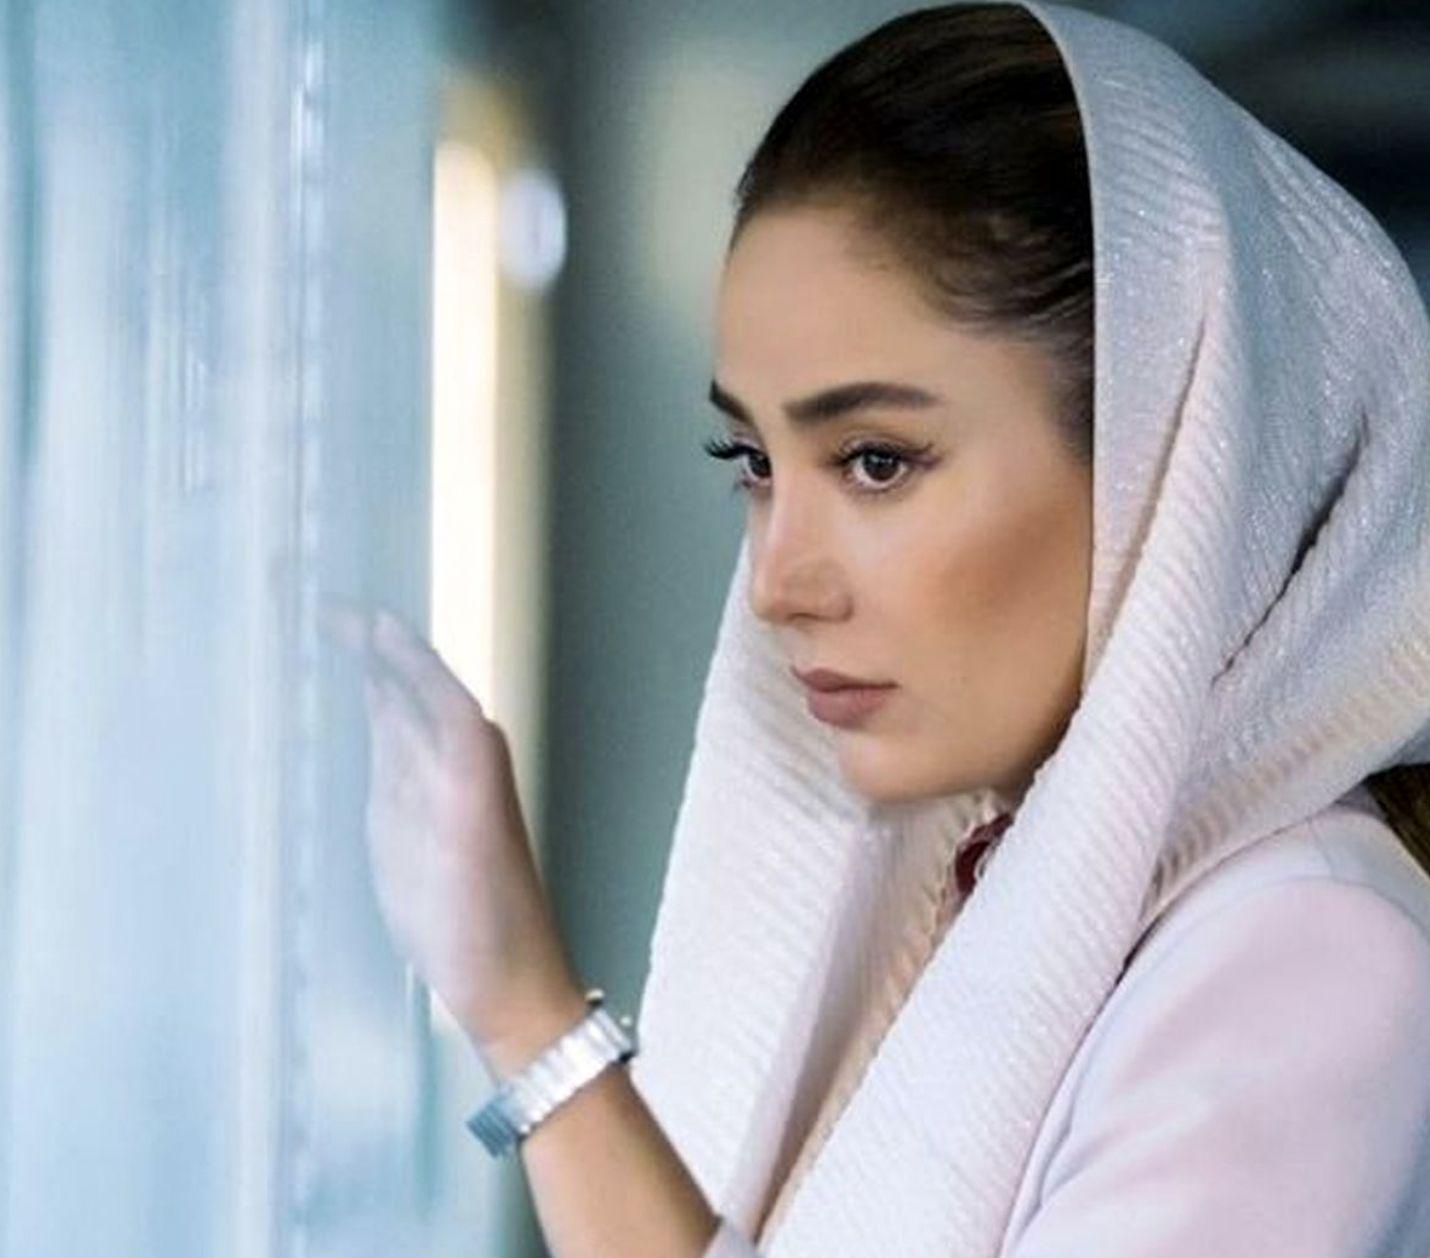 بیوگرافی بهاره افشاری ، از مزون لباس تا ازدواج